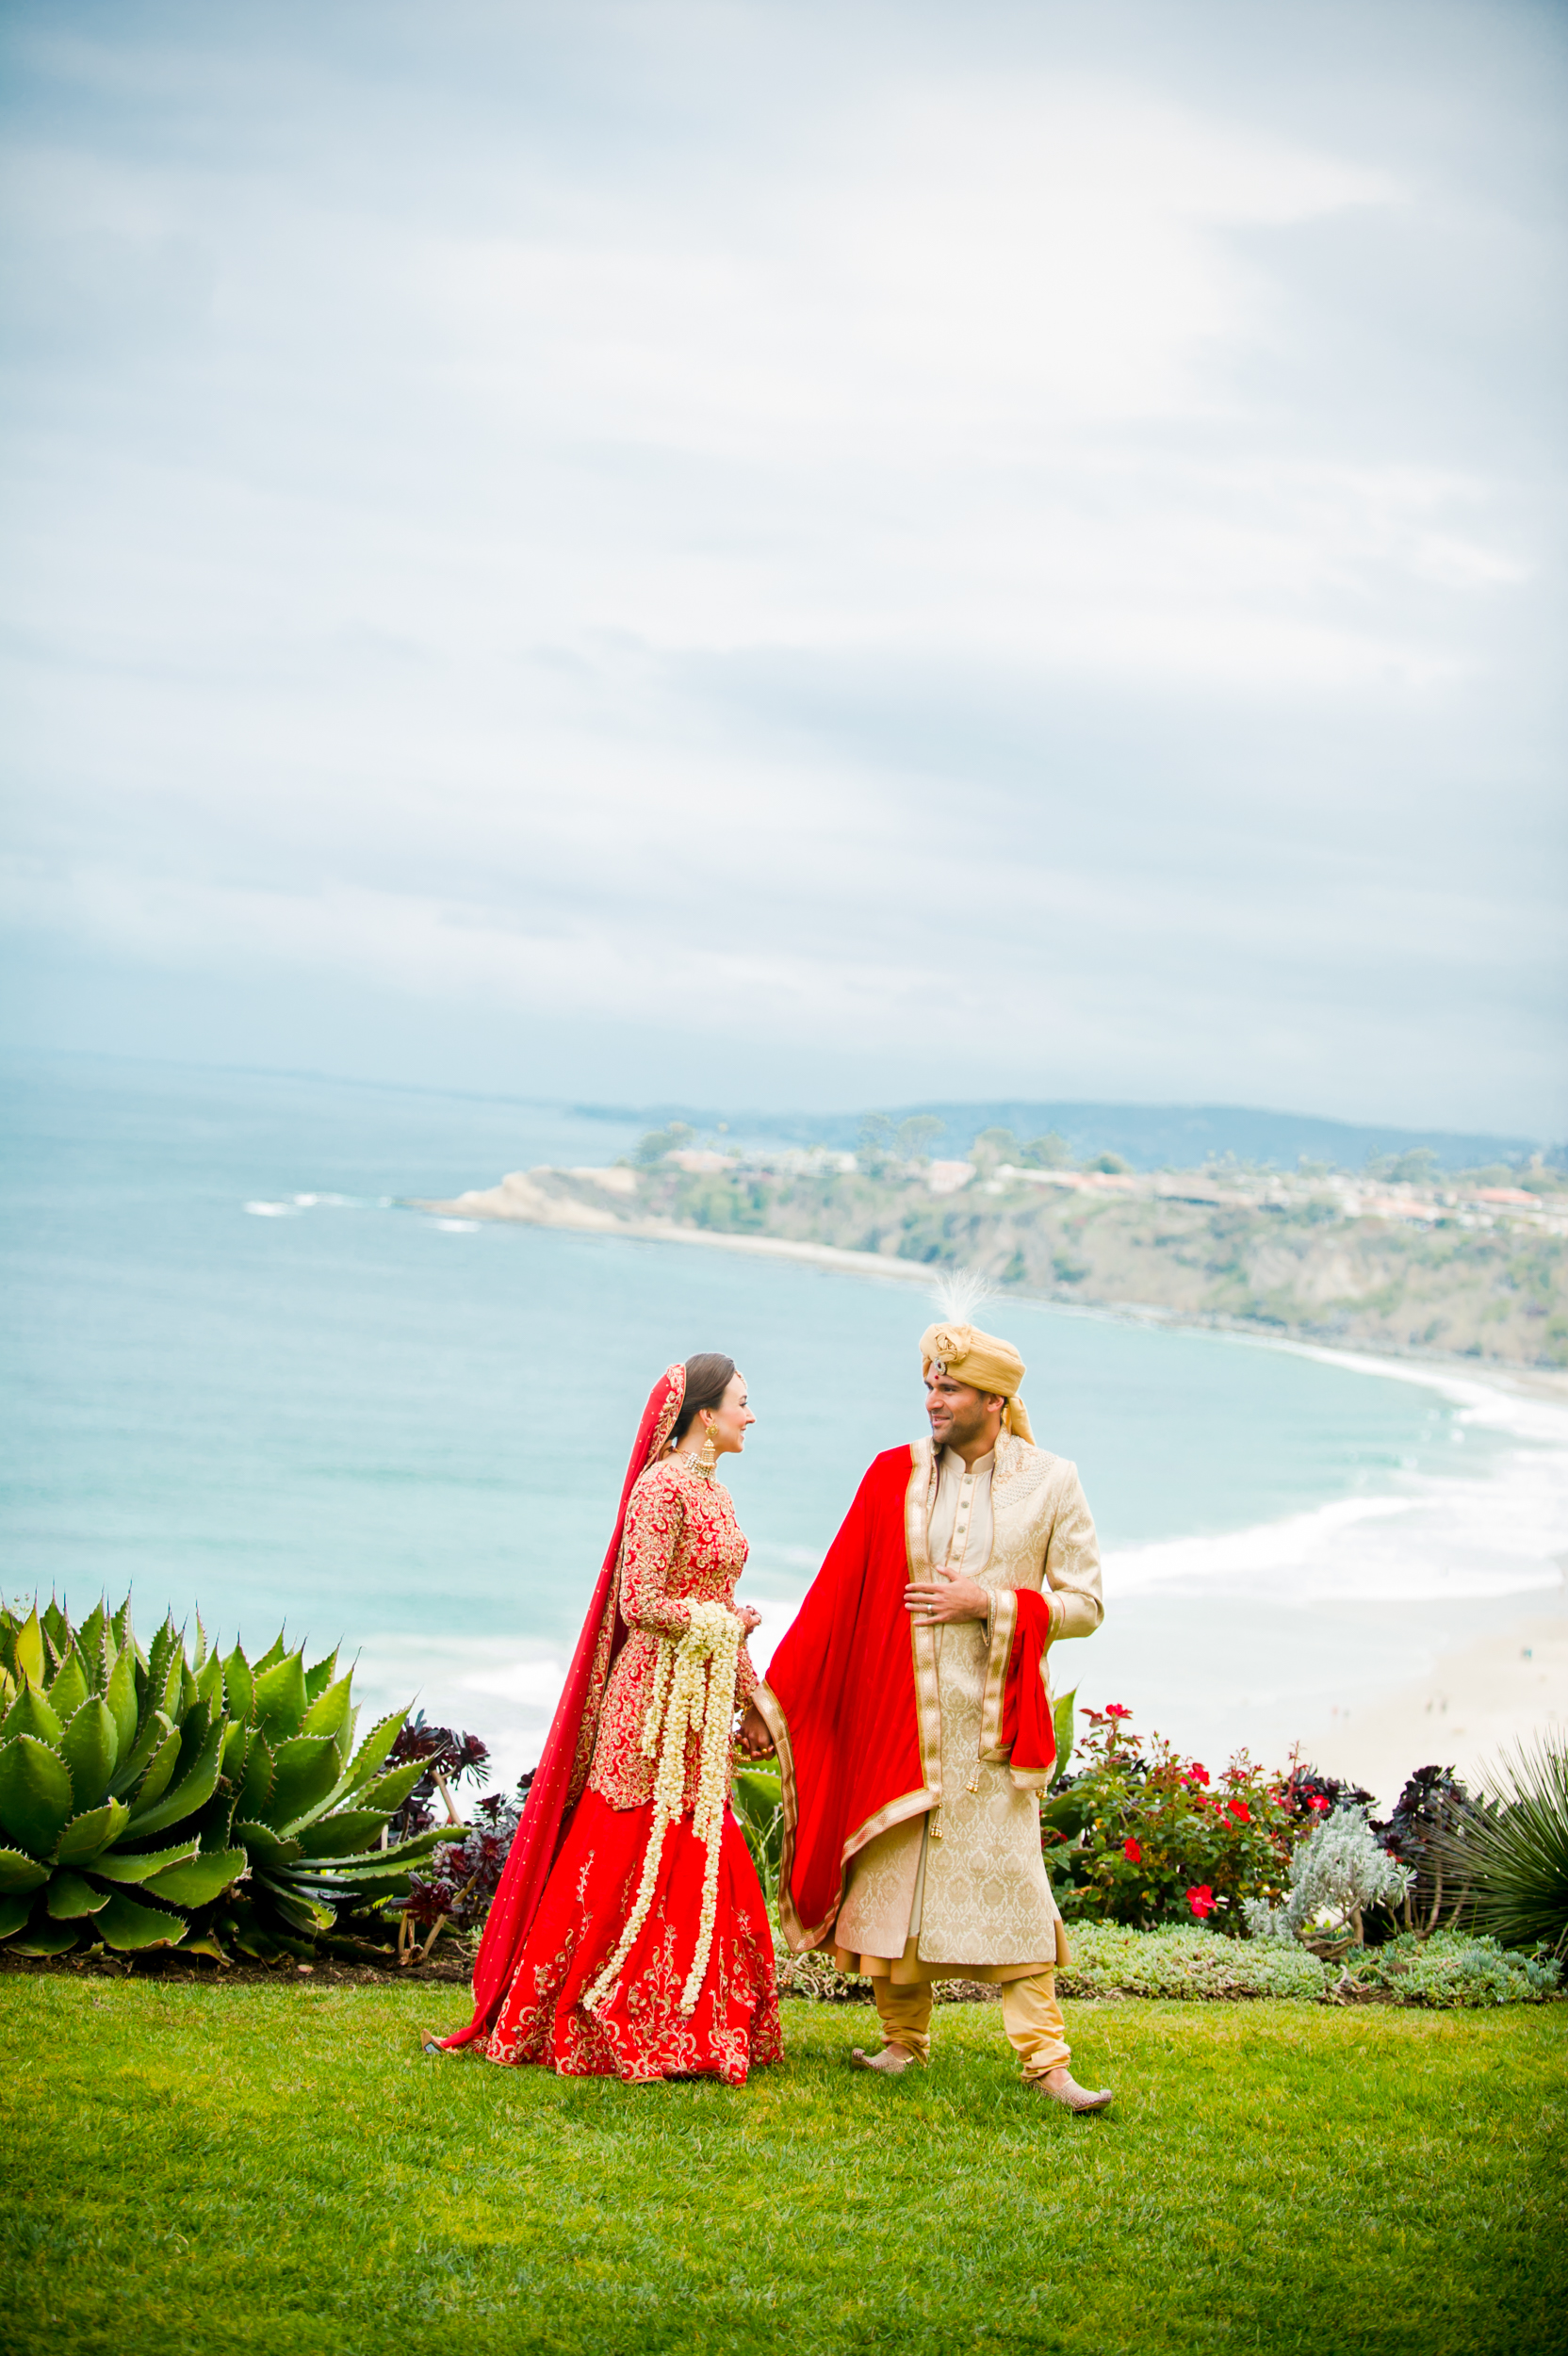 JKP_Indian_Weddings_0005.JPG